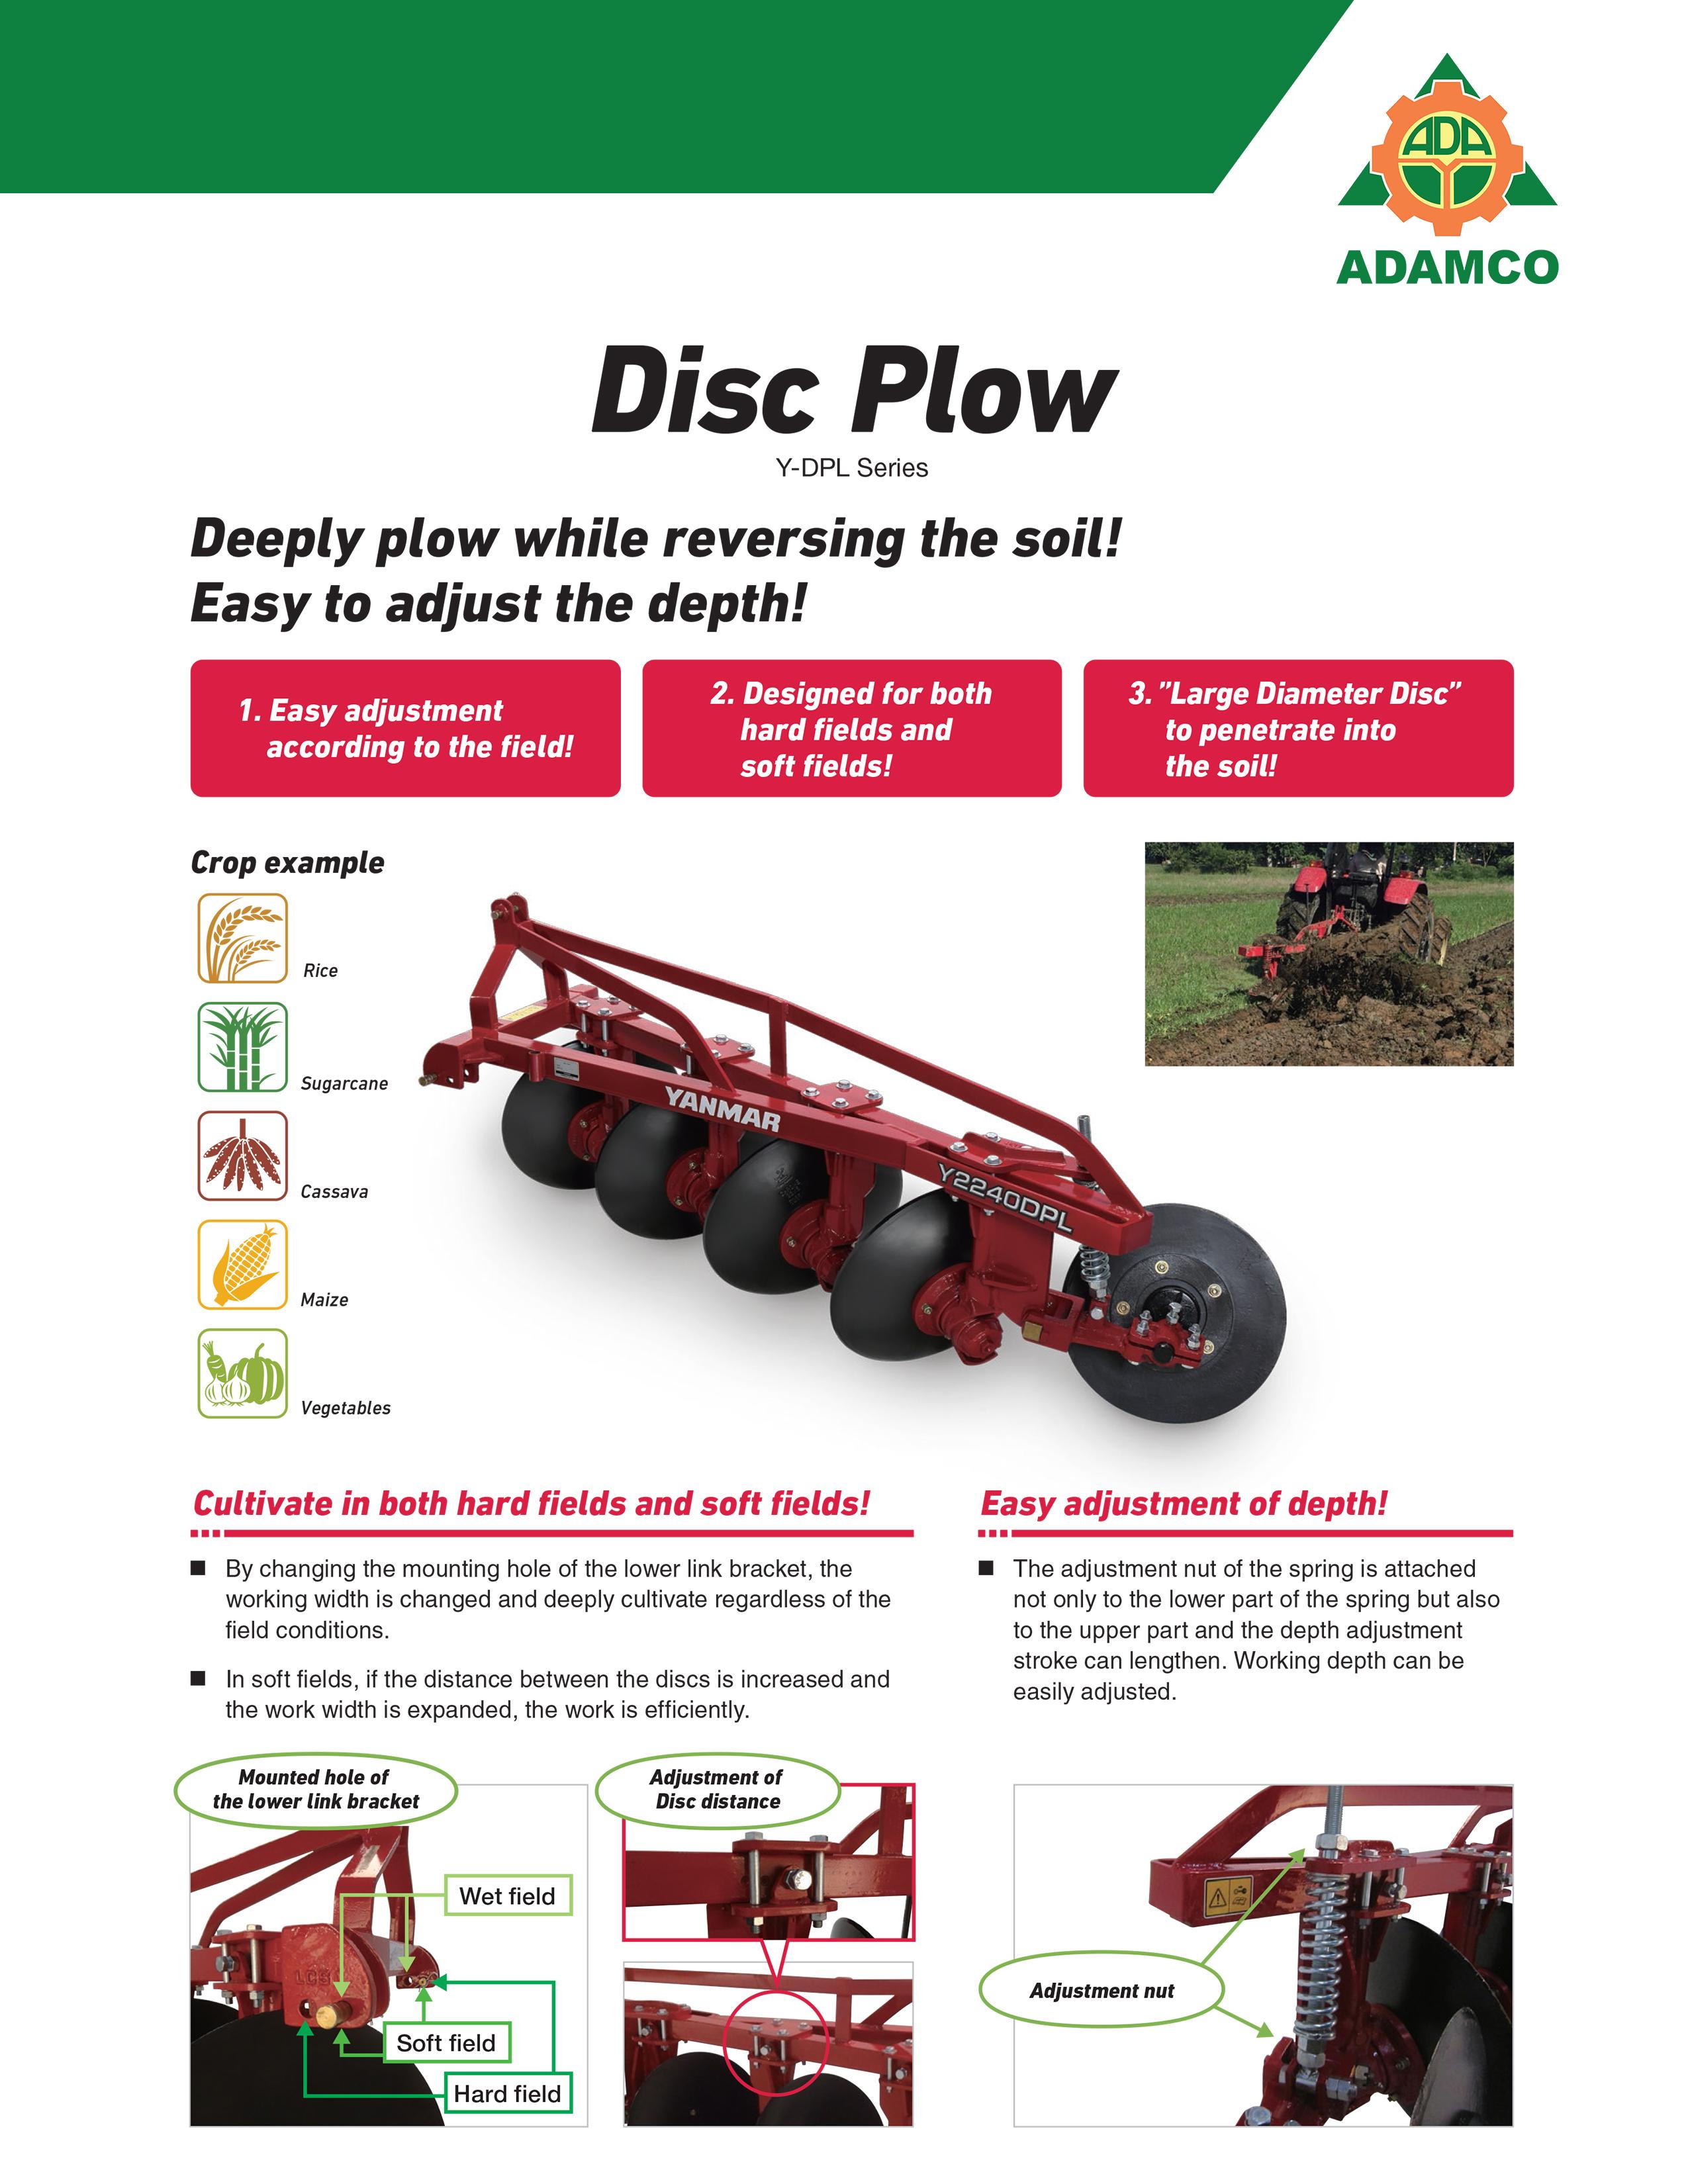 Disc Plow Y DPL Series